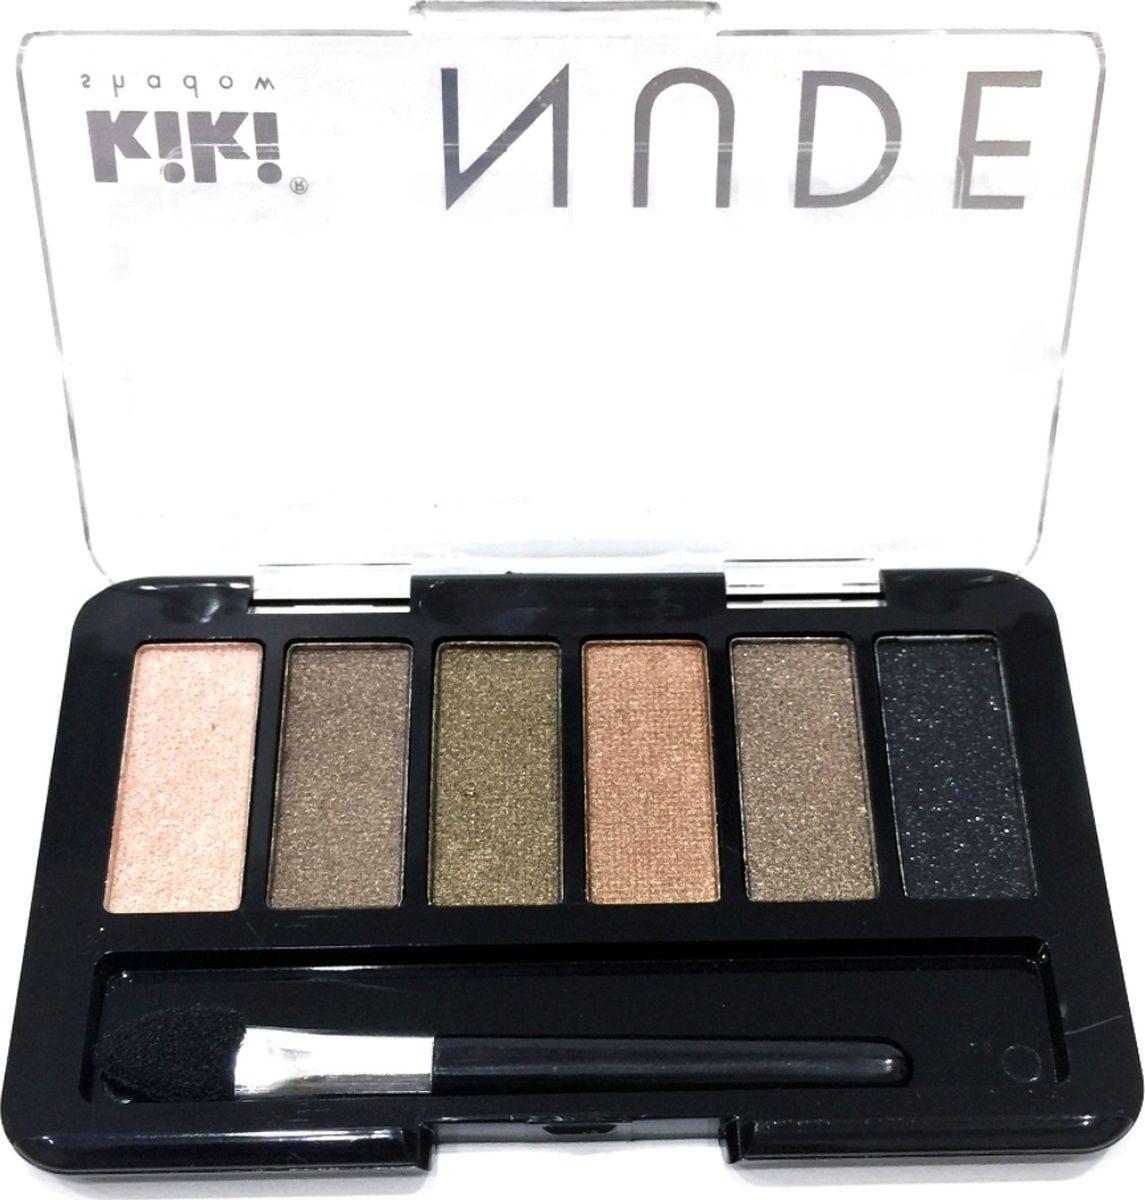 Kiki Тени для век shadow Nude 901, 2.76 гр101400228Шесть идеально подобранных оттенков в нюдовых тонах не оставят вас равнодушными. Тени обладают нежной, хорошо поддающейся растушевке текстурой. Благодаря удобному аппликатору макияж можно создавать буквально на ходу.